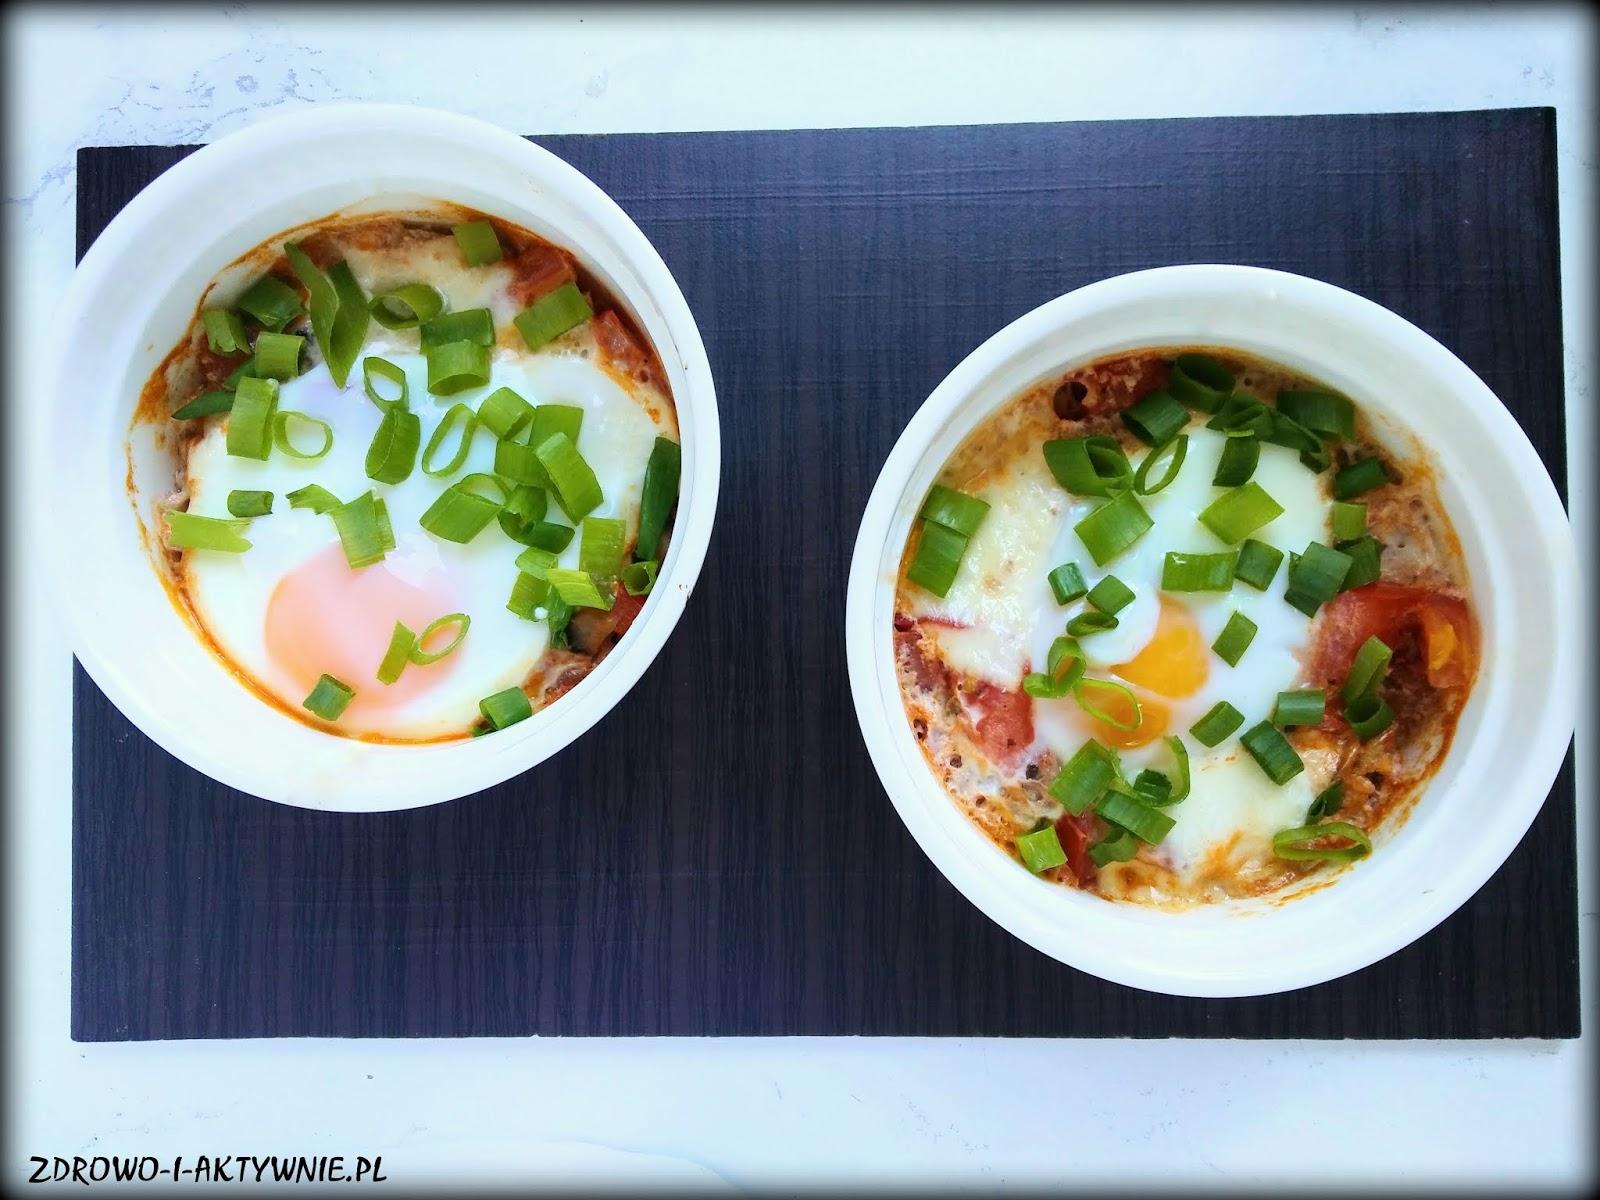 Zapiekane jajka z mozzarellą i warzywami